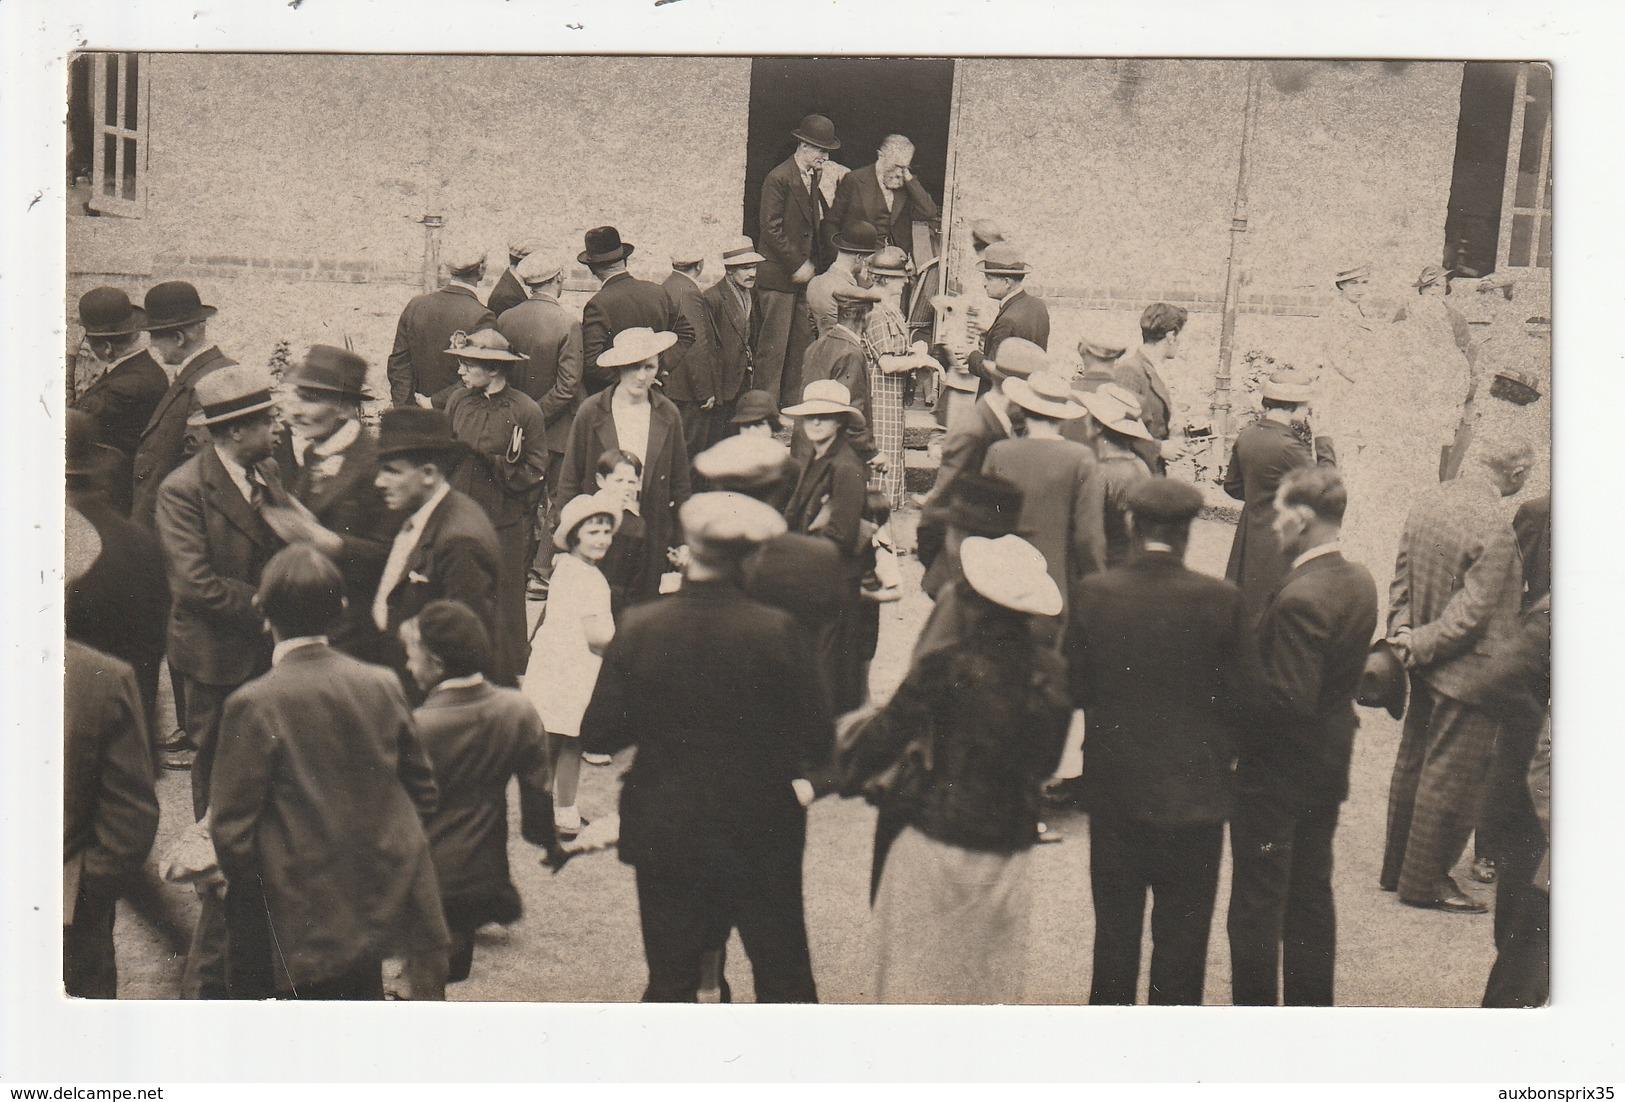 CARTE PHOTO - ANTRAIN - INAUGURATION D'UN PAVILLON DE L'HOPITAL,LE MAIRE DOCTEUR COUPEL A LA PORTE, 1936 - 35 - France